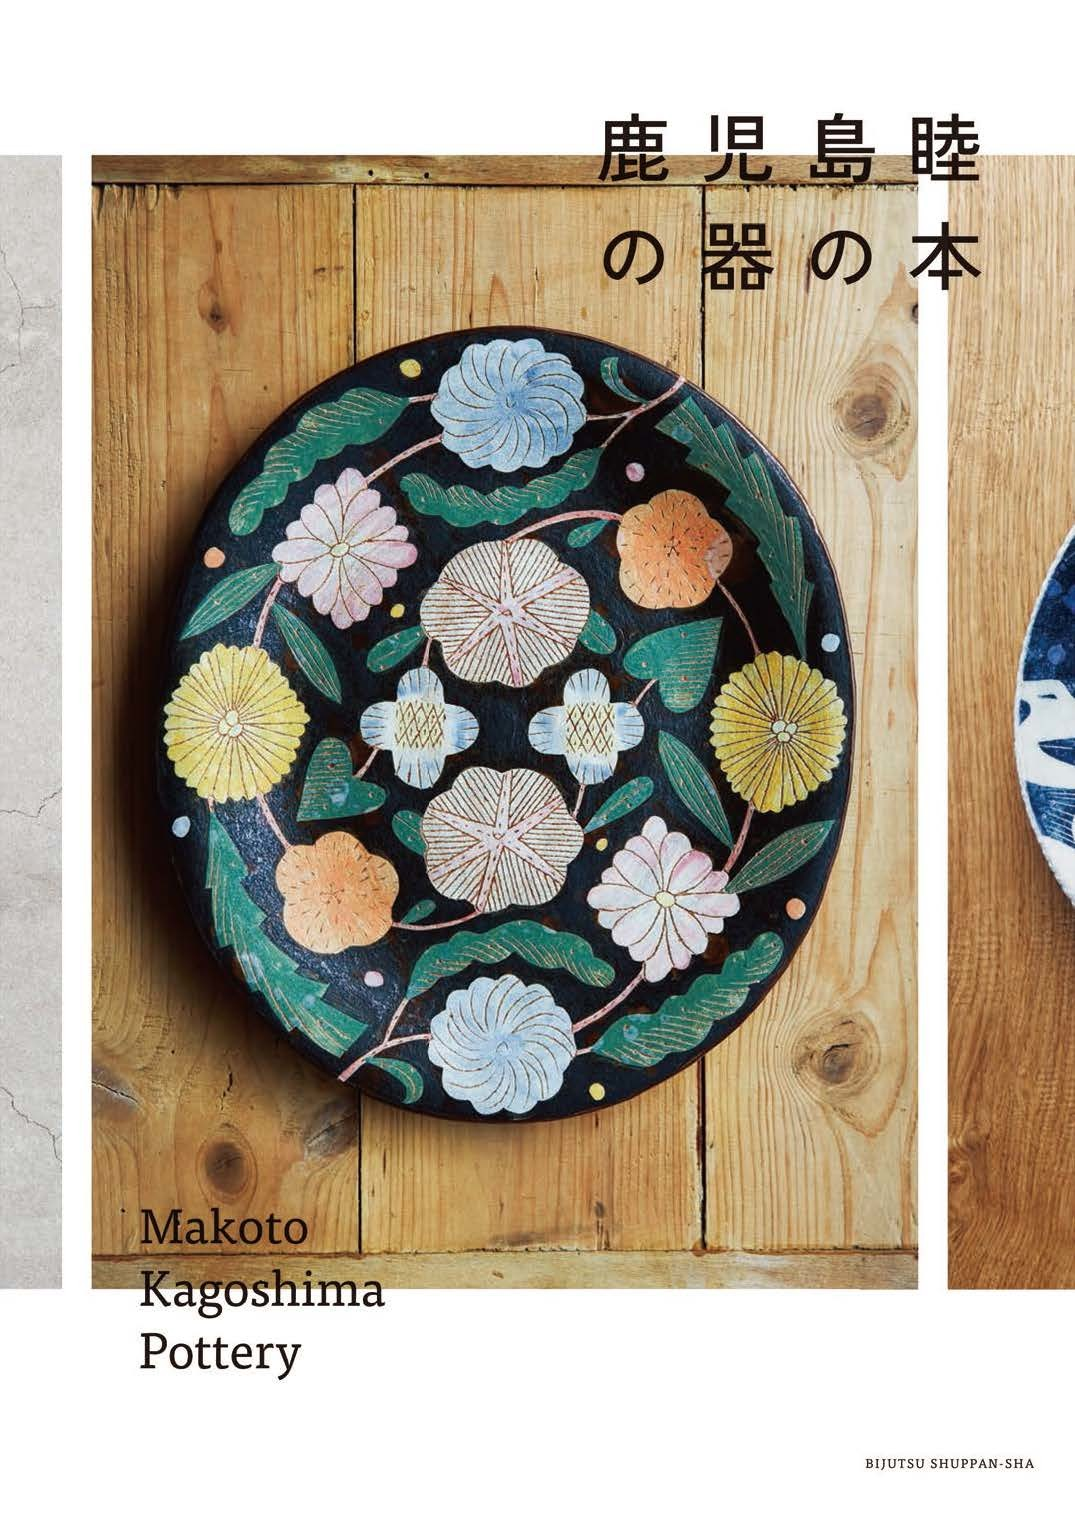 『鹿児島睦の器の本』